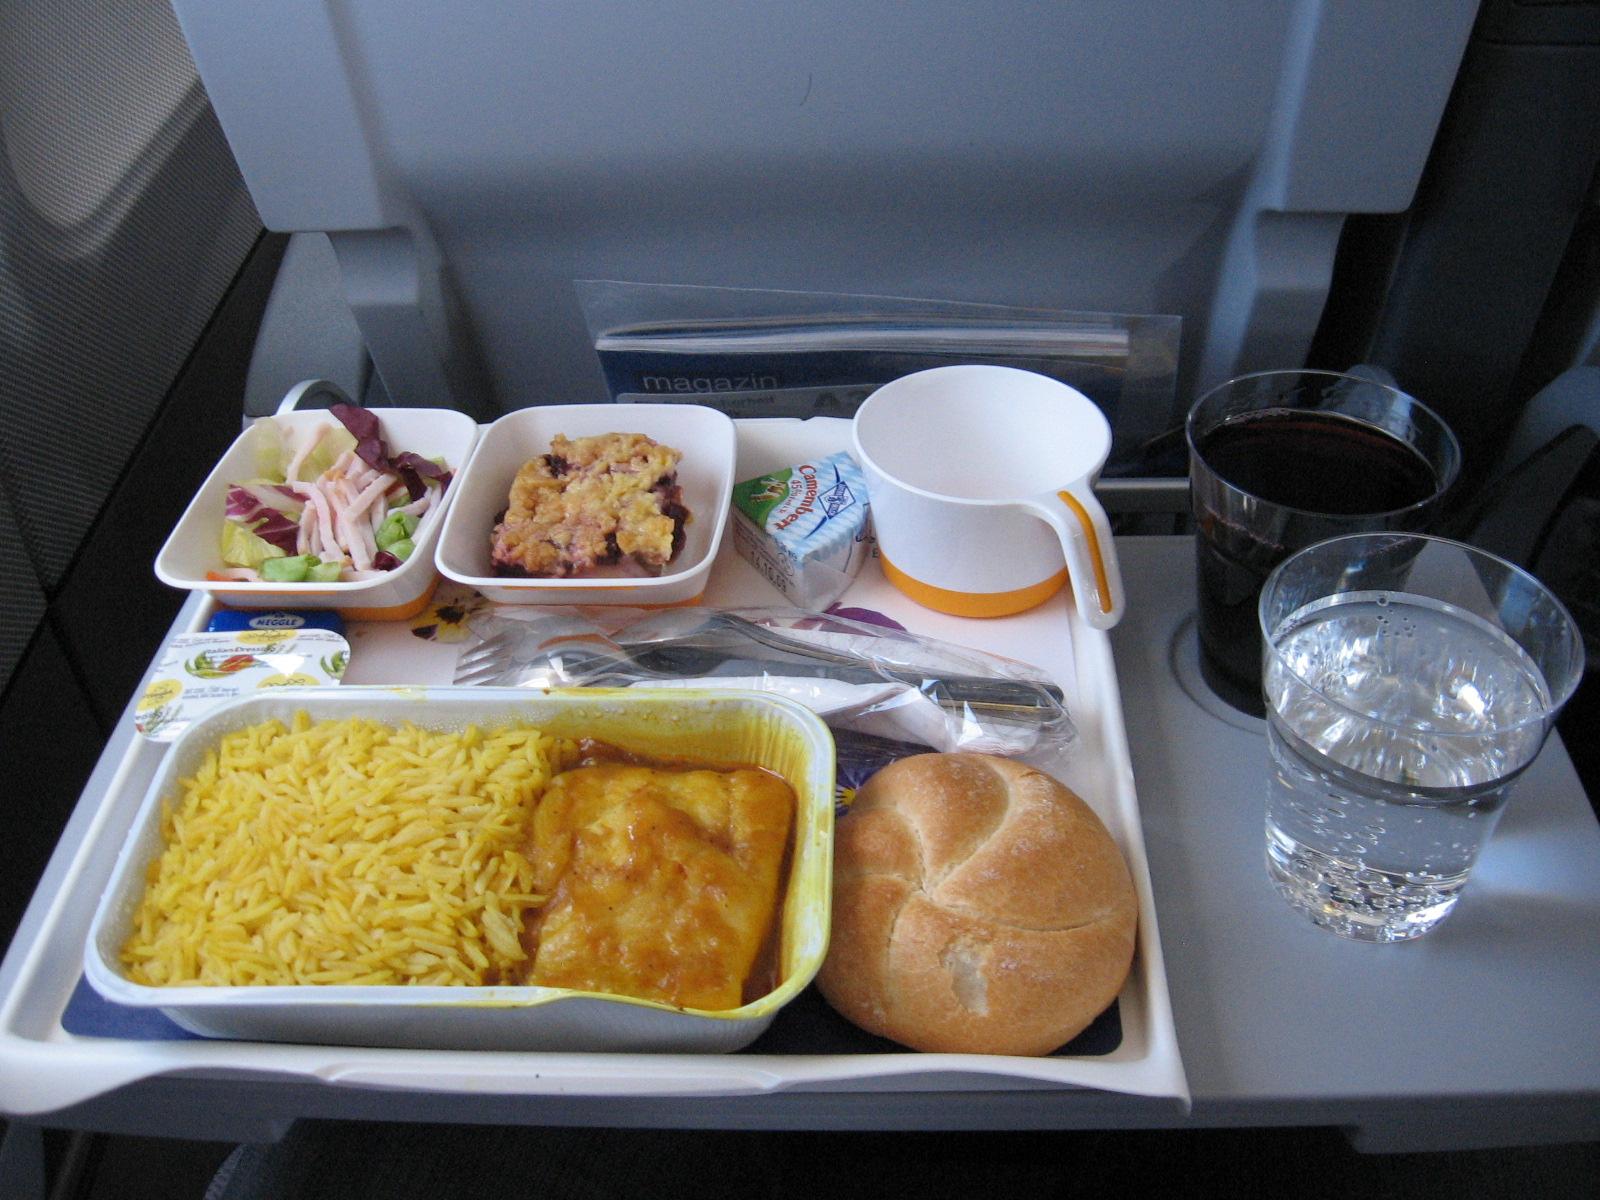 Mahlzeit auf dem Flug von Frankfurt nach Abu Dhabi in der Economy Class (Wahl: Pangasius-Filet)